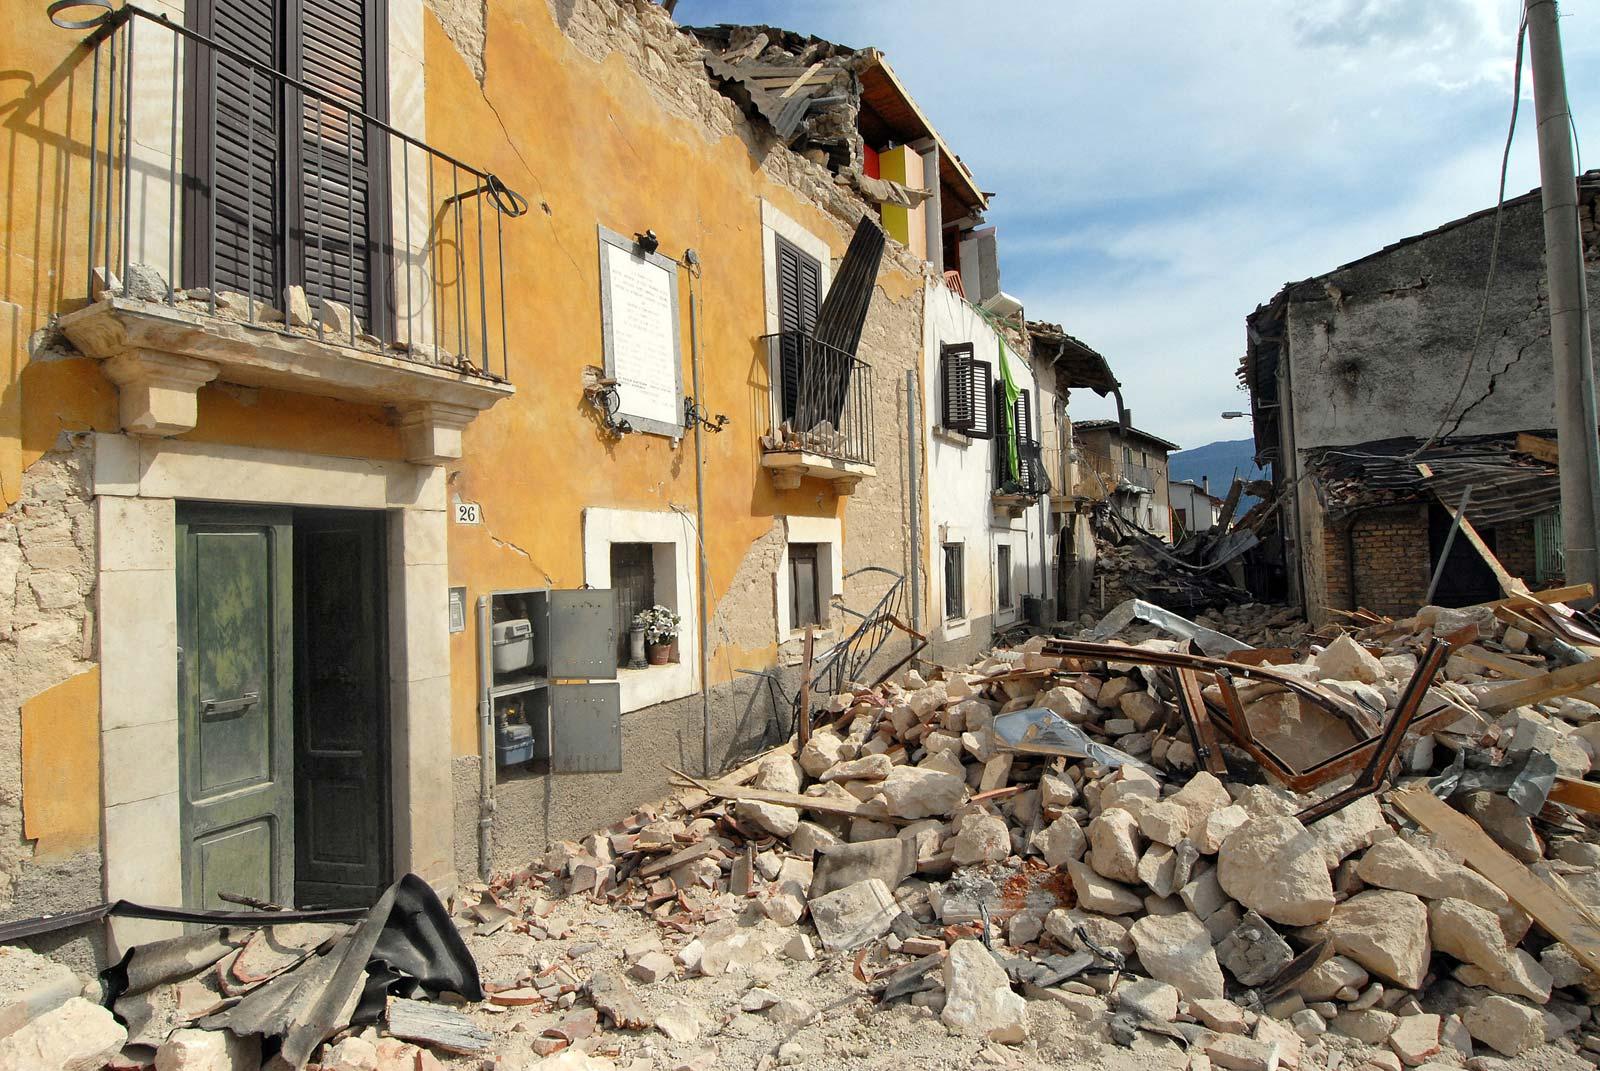 Tre tërmete në 30 minuta, panik dhe frikë në Itali